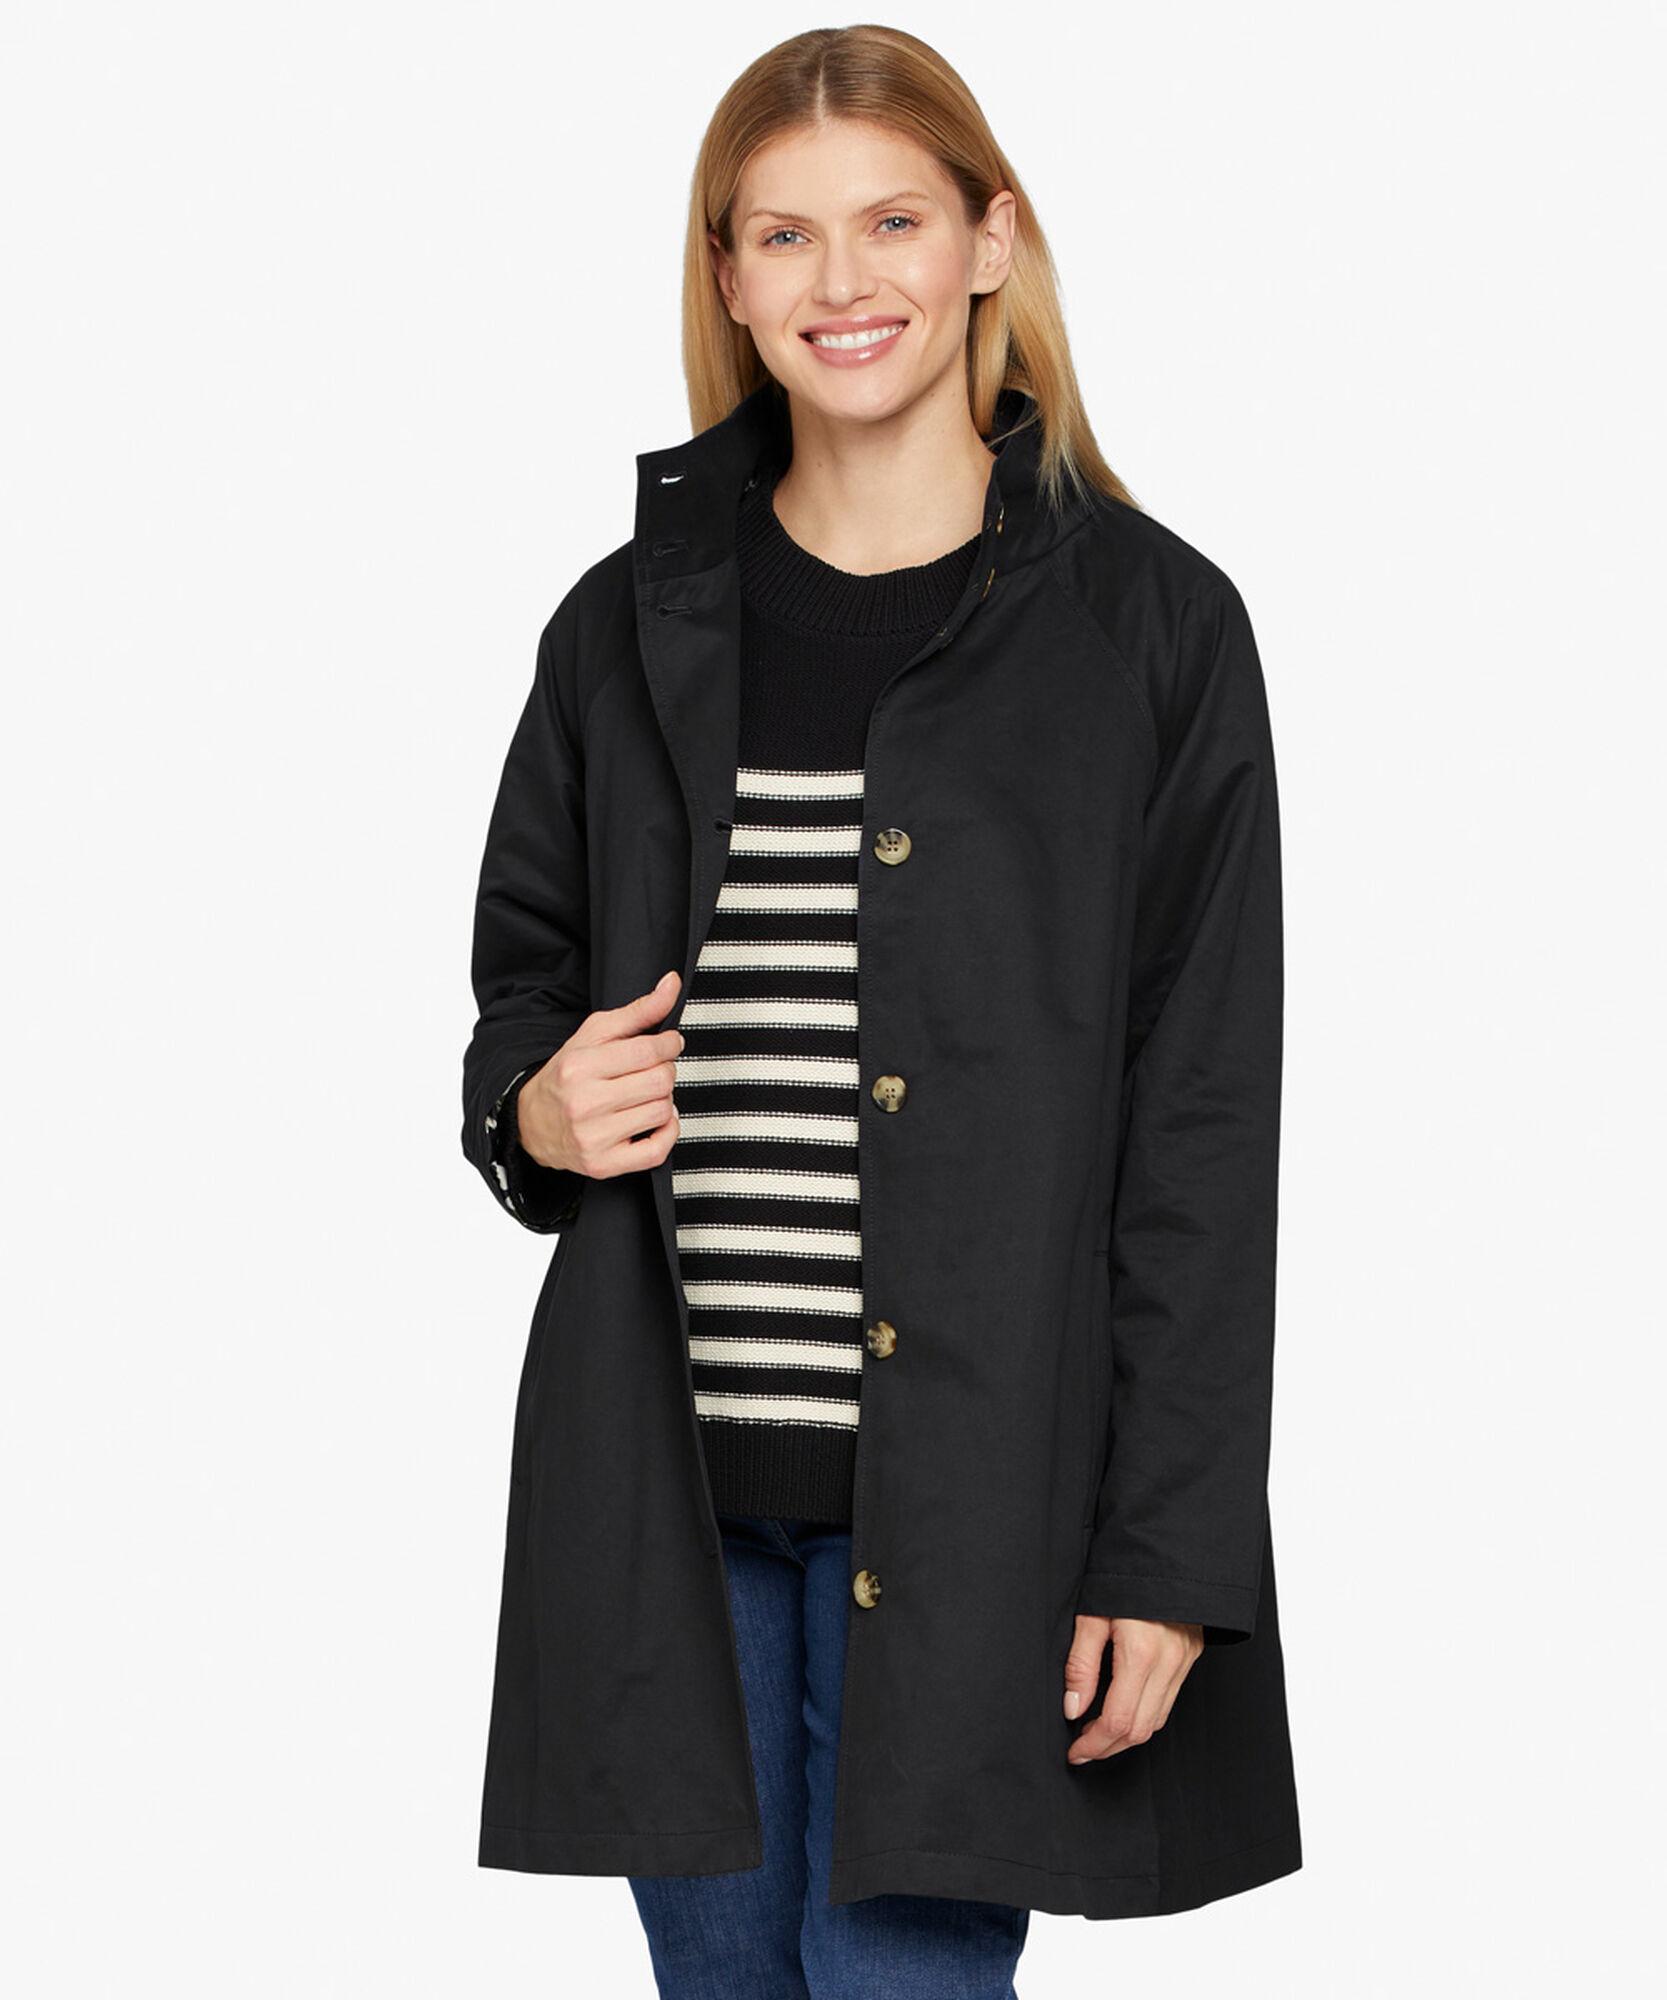 TERESA COAT, Black, hi-res